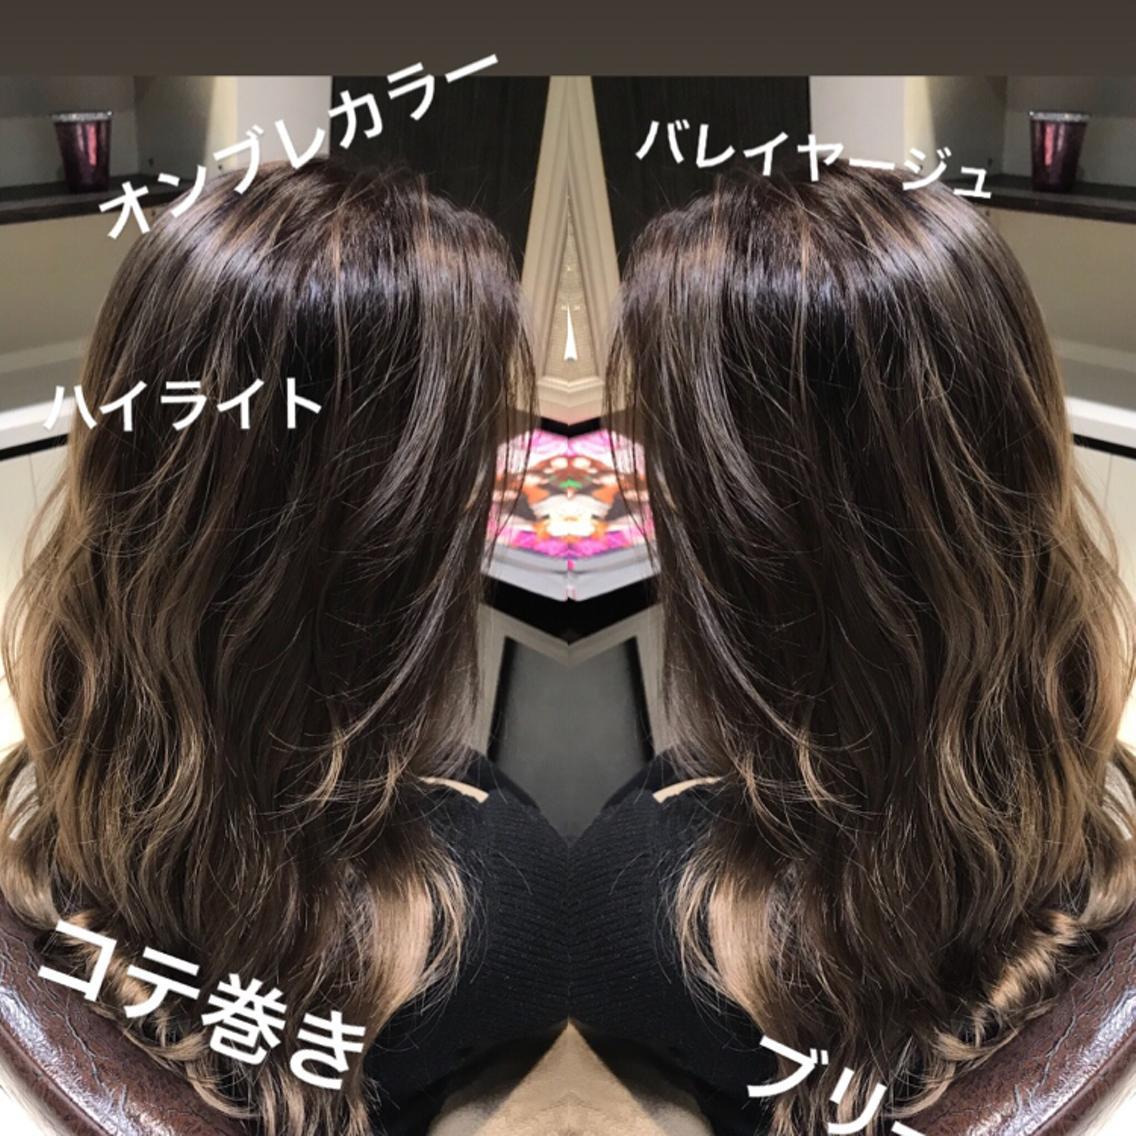 カットモデル0円!!カラー、パーマ、縮毛矯正も限定価格です✨